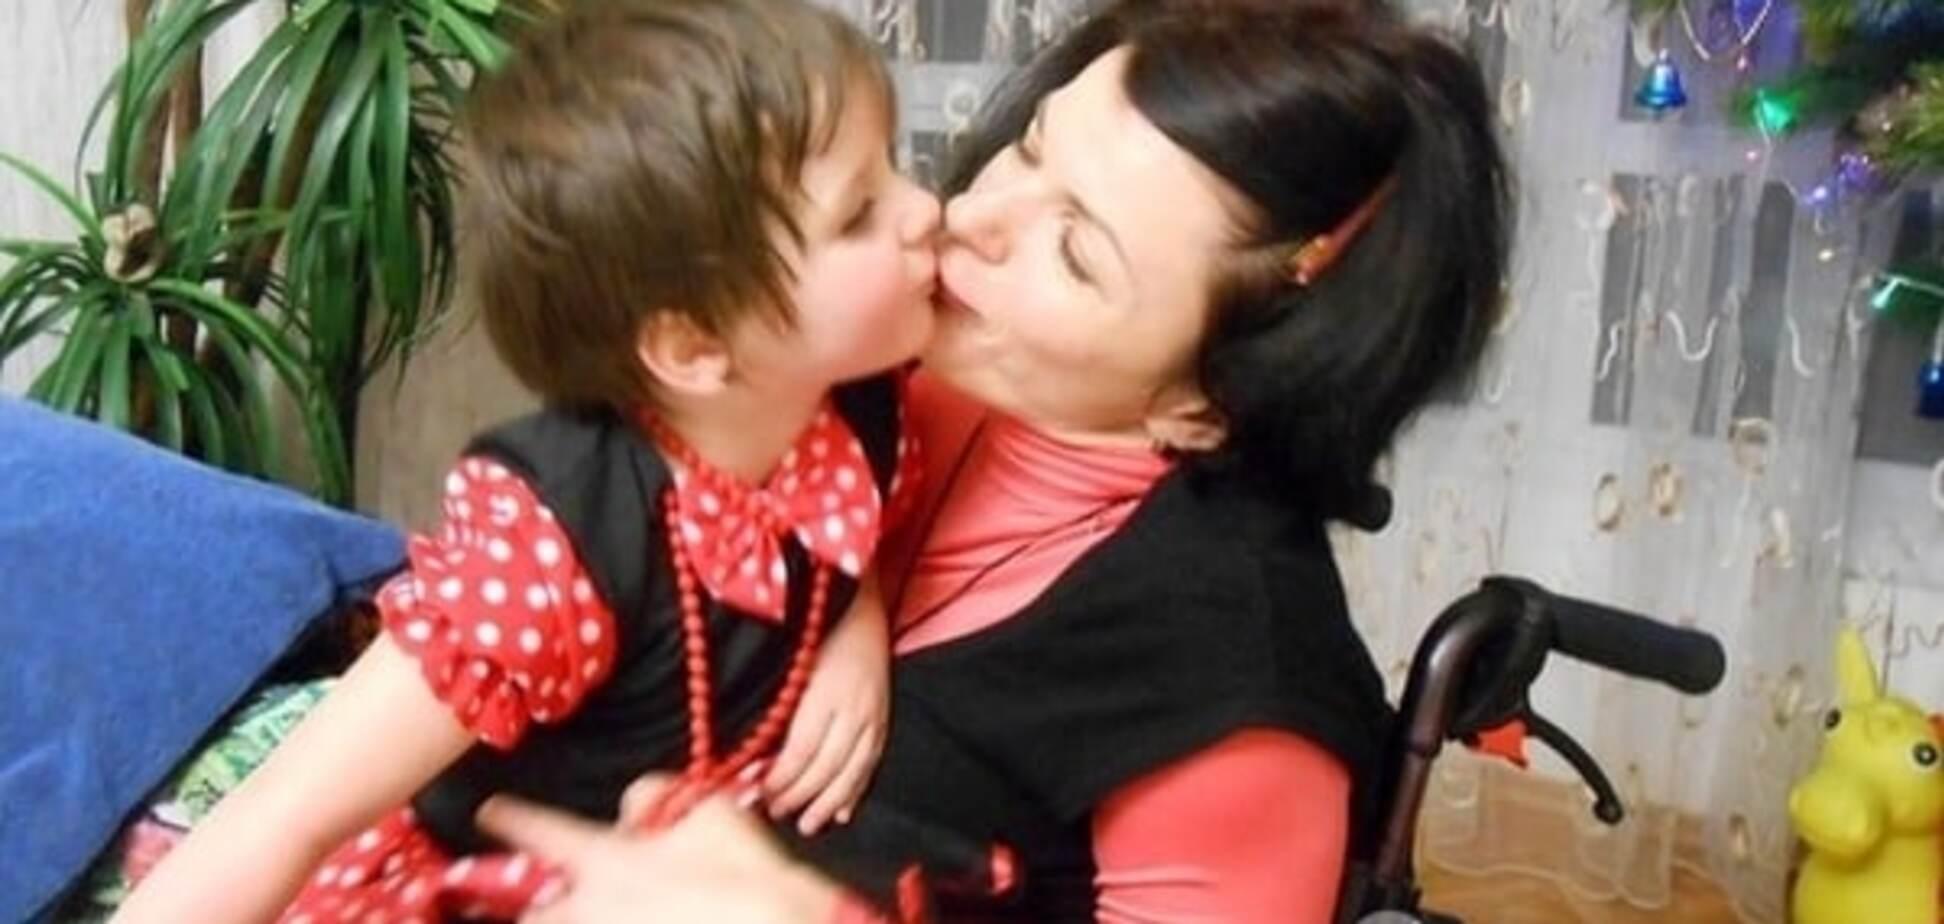 'Я повинна встати на ноги - заради дочки!' Неймовірна історія кохання і стійкості киянки з ДЦП